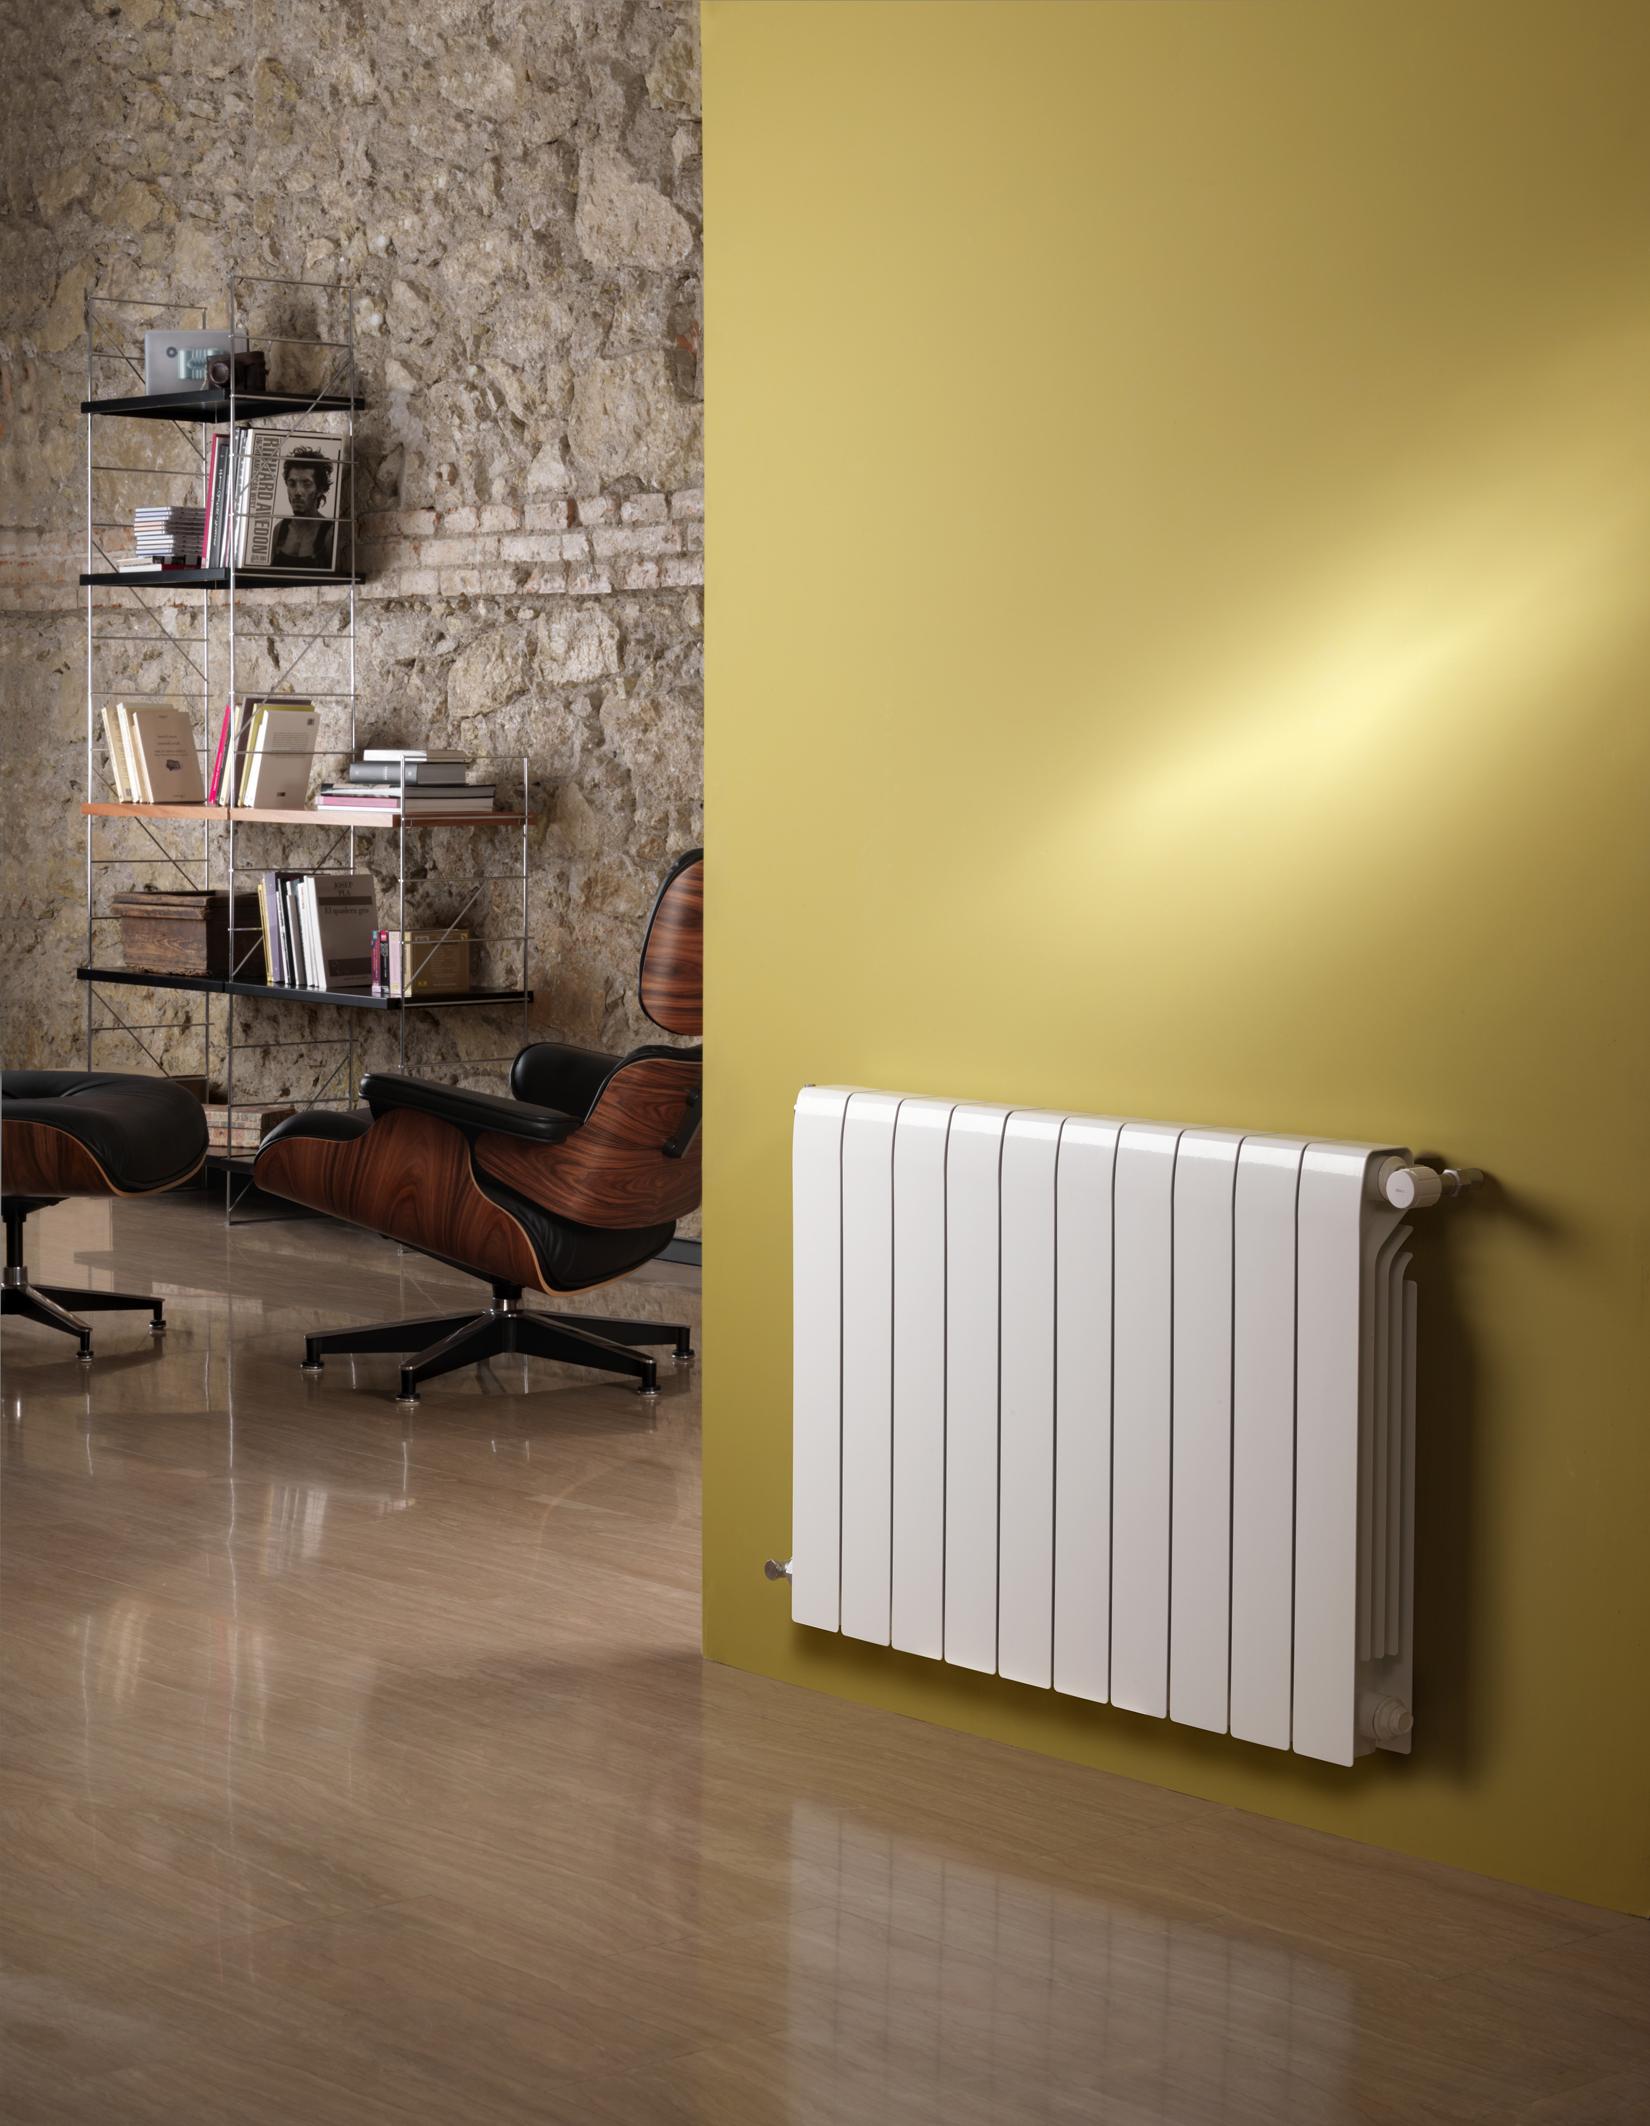 Reparaciones de calefaccion averias de calefaccion - Radiadores para calefaccion ...